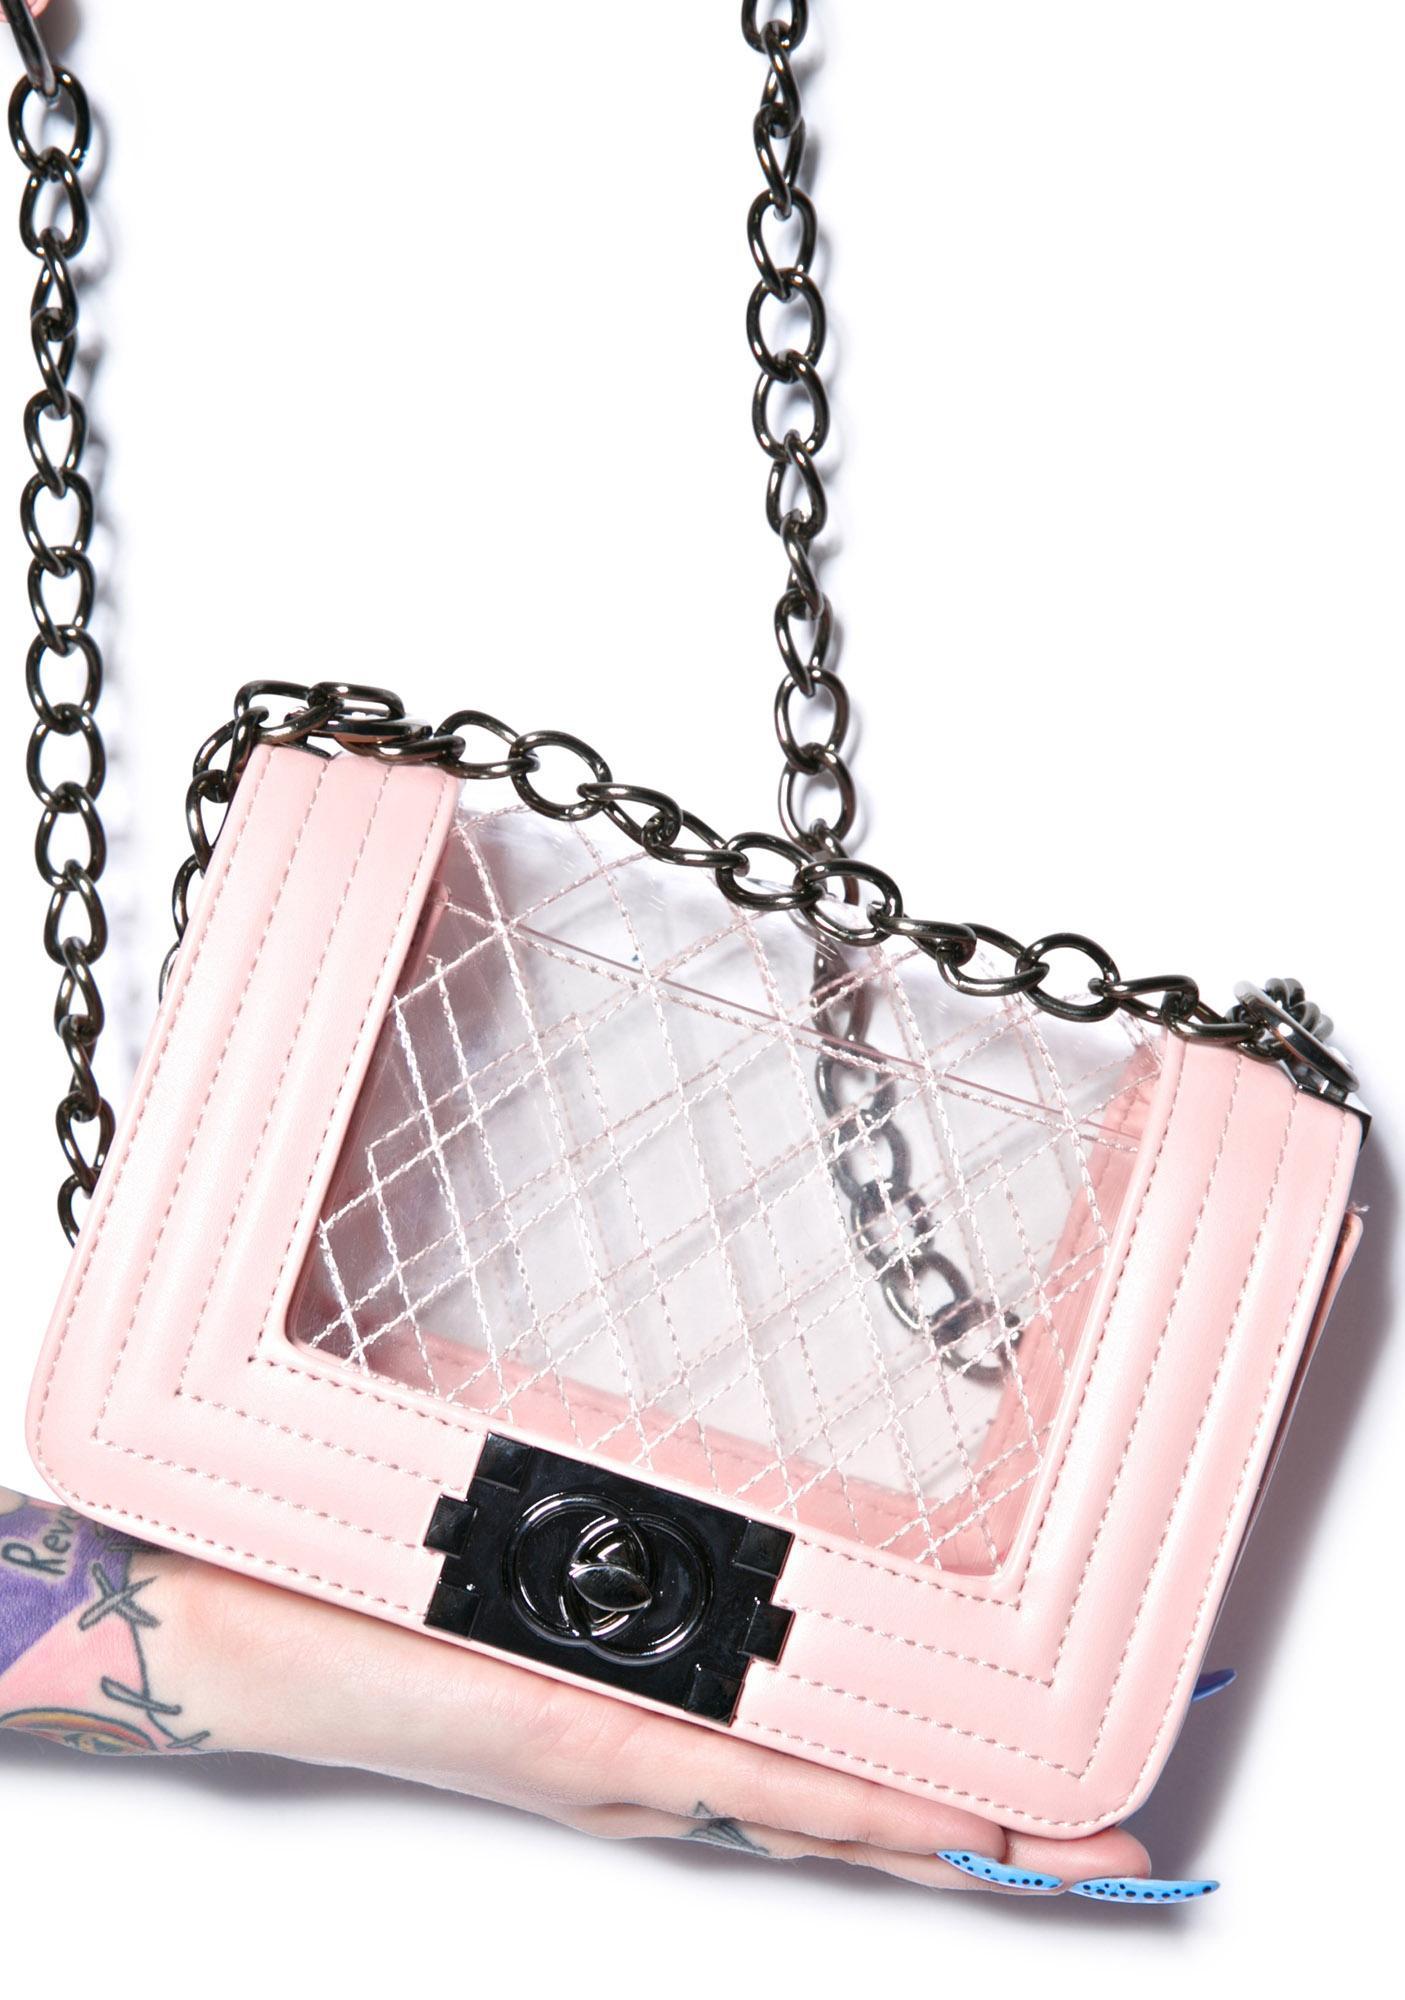 Buddy Holly Handbag